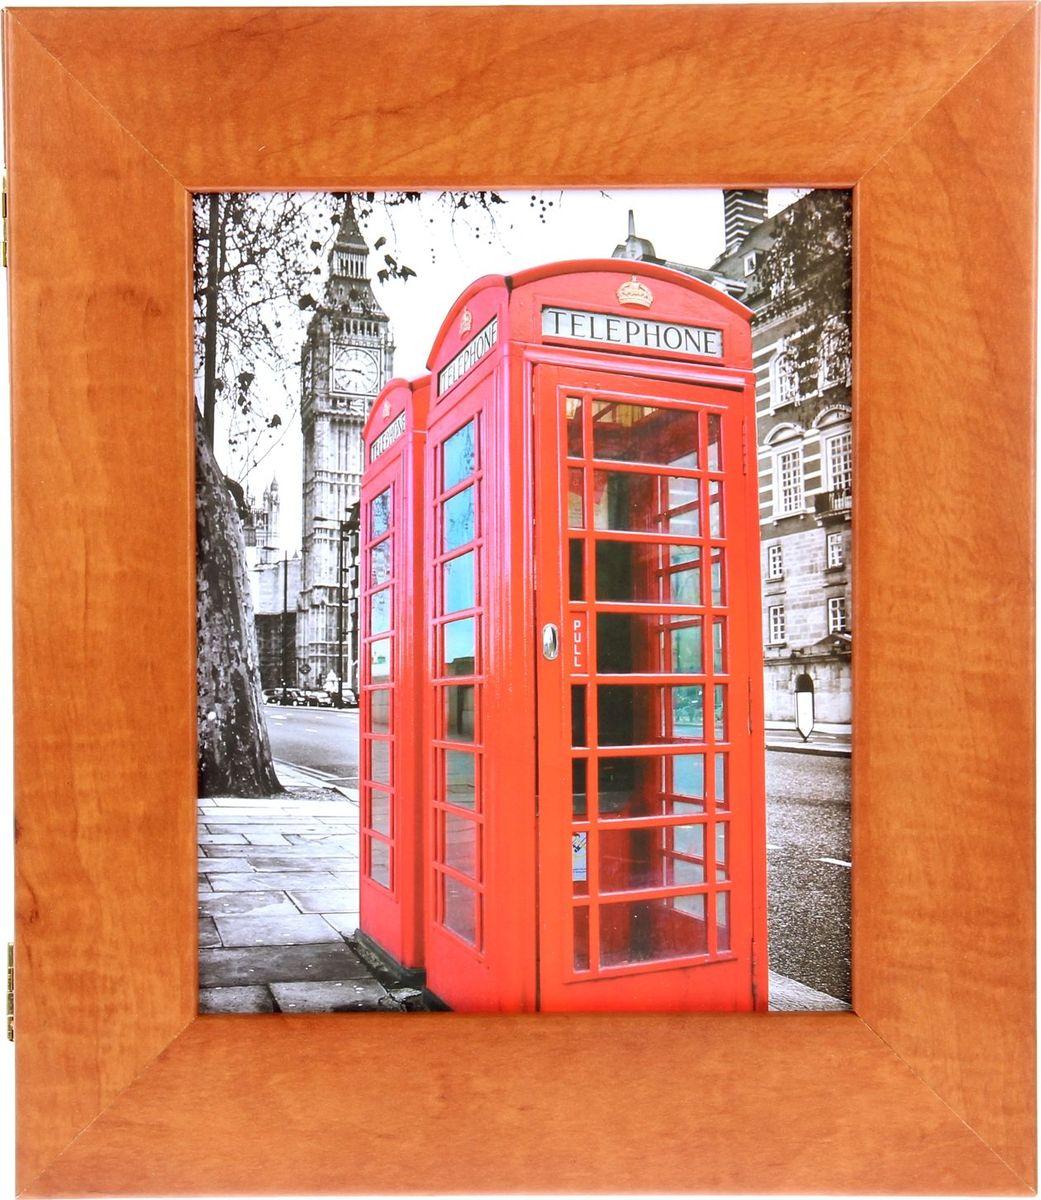 Ключница настенная АГТ-Профиль Британия, 35 х 30 х 5,5 см269849Ключница Британия — универсальный аксессуар: сейф для ключей, украшение интерьера, напоминание о незабываемом путешествии или даже медовом месяце в Англии, а ведь с помощью этого предмета можно сделать сюрприз. Представьте, как оригинально можно сделать подарок любимой, если повесить на один из крючков ключ от номера отеля в Лондоне или просто поместить туда пару билетов на самолет и маленькую статуэтку Тауэрского моста.